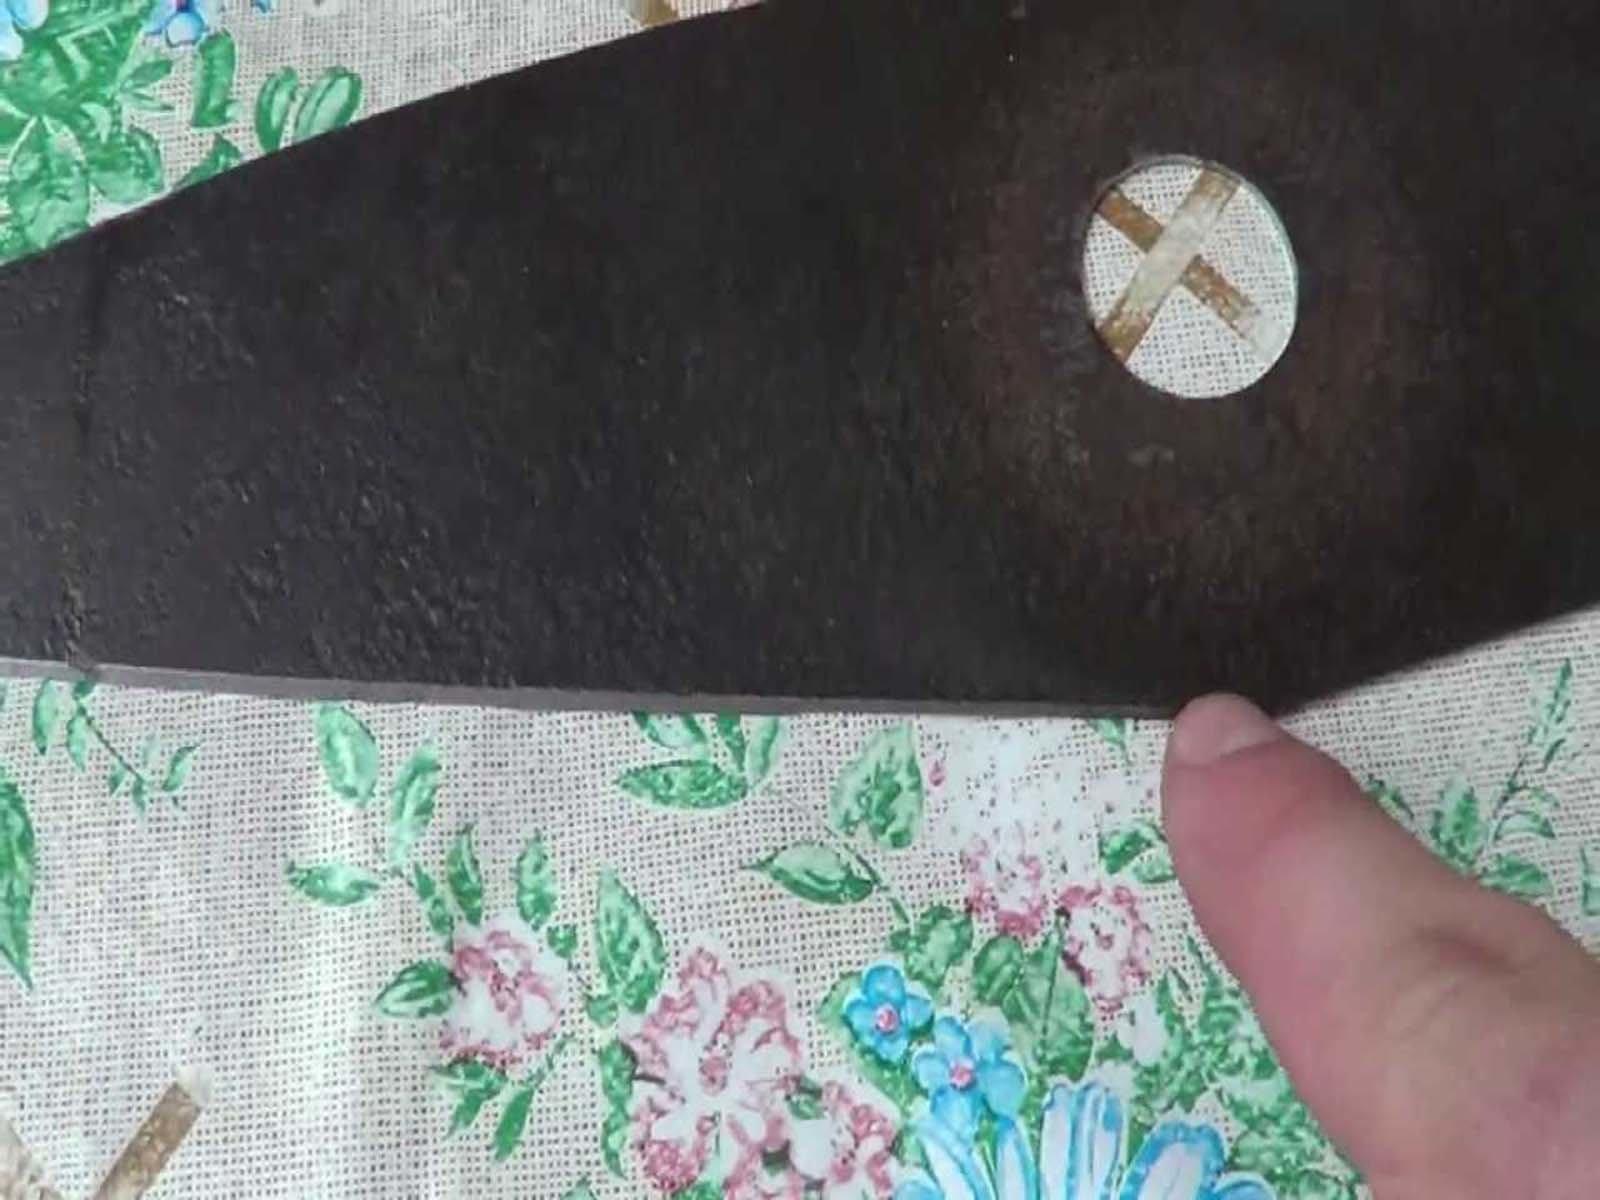 Самодельный нож для газонокосилки из пылесоса